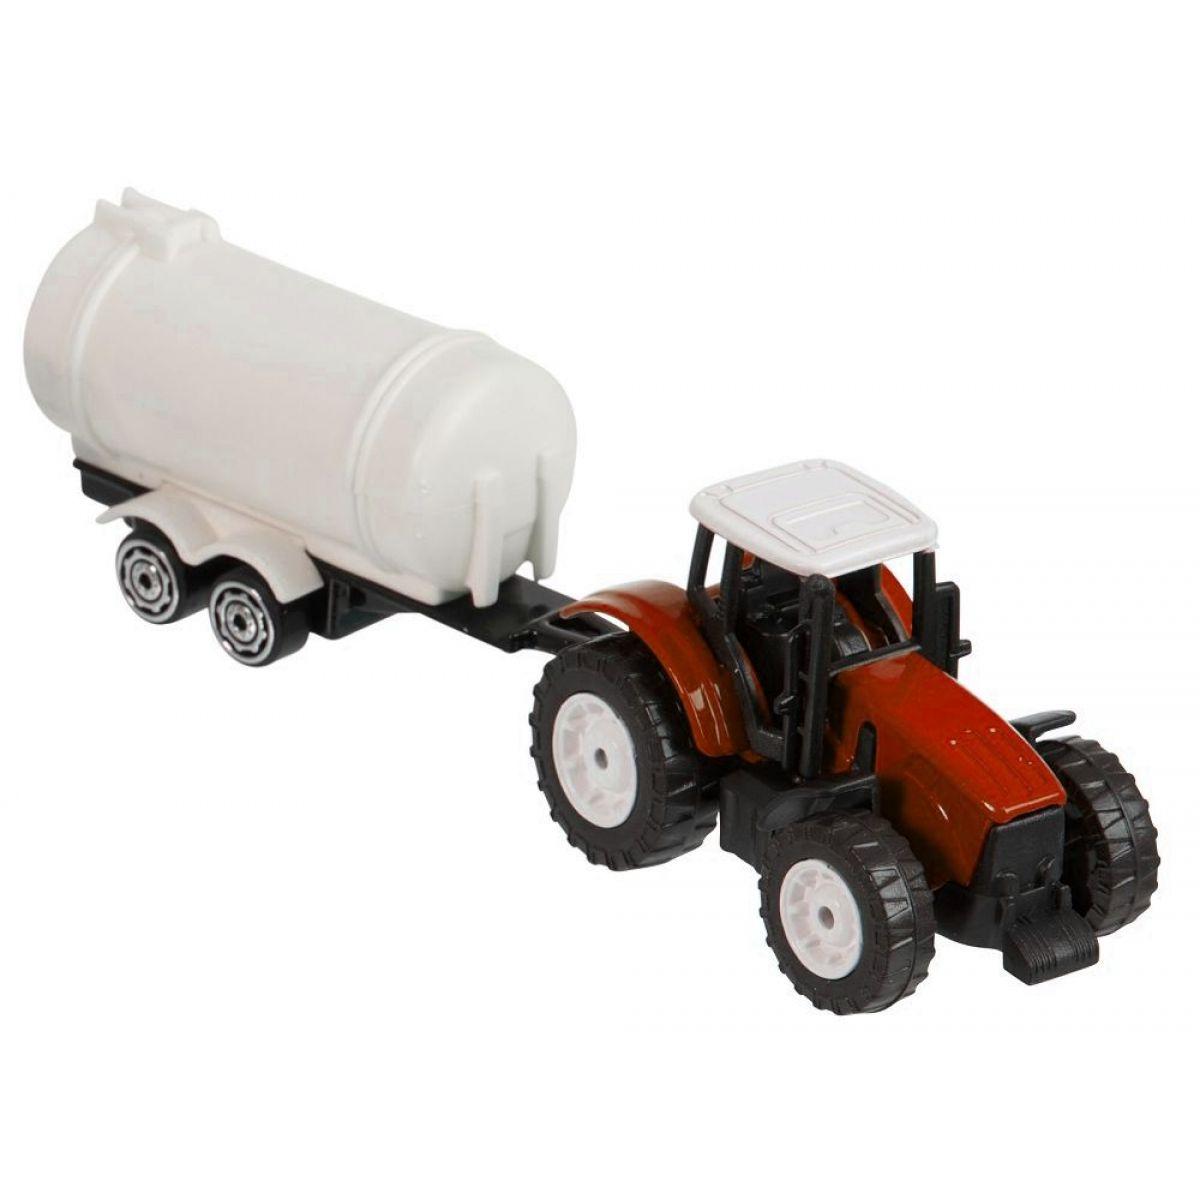 Teamsterz Traktor s prívesom - Červený traktor s cisternou